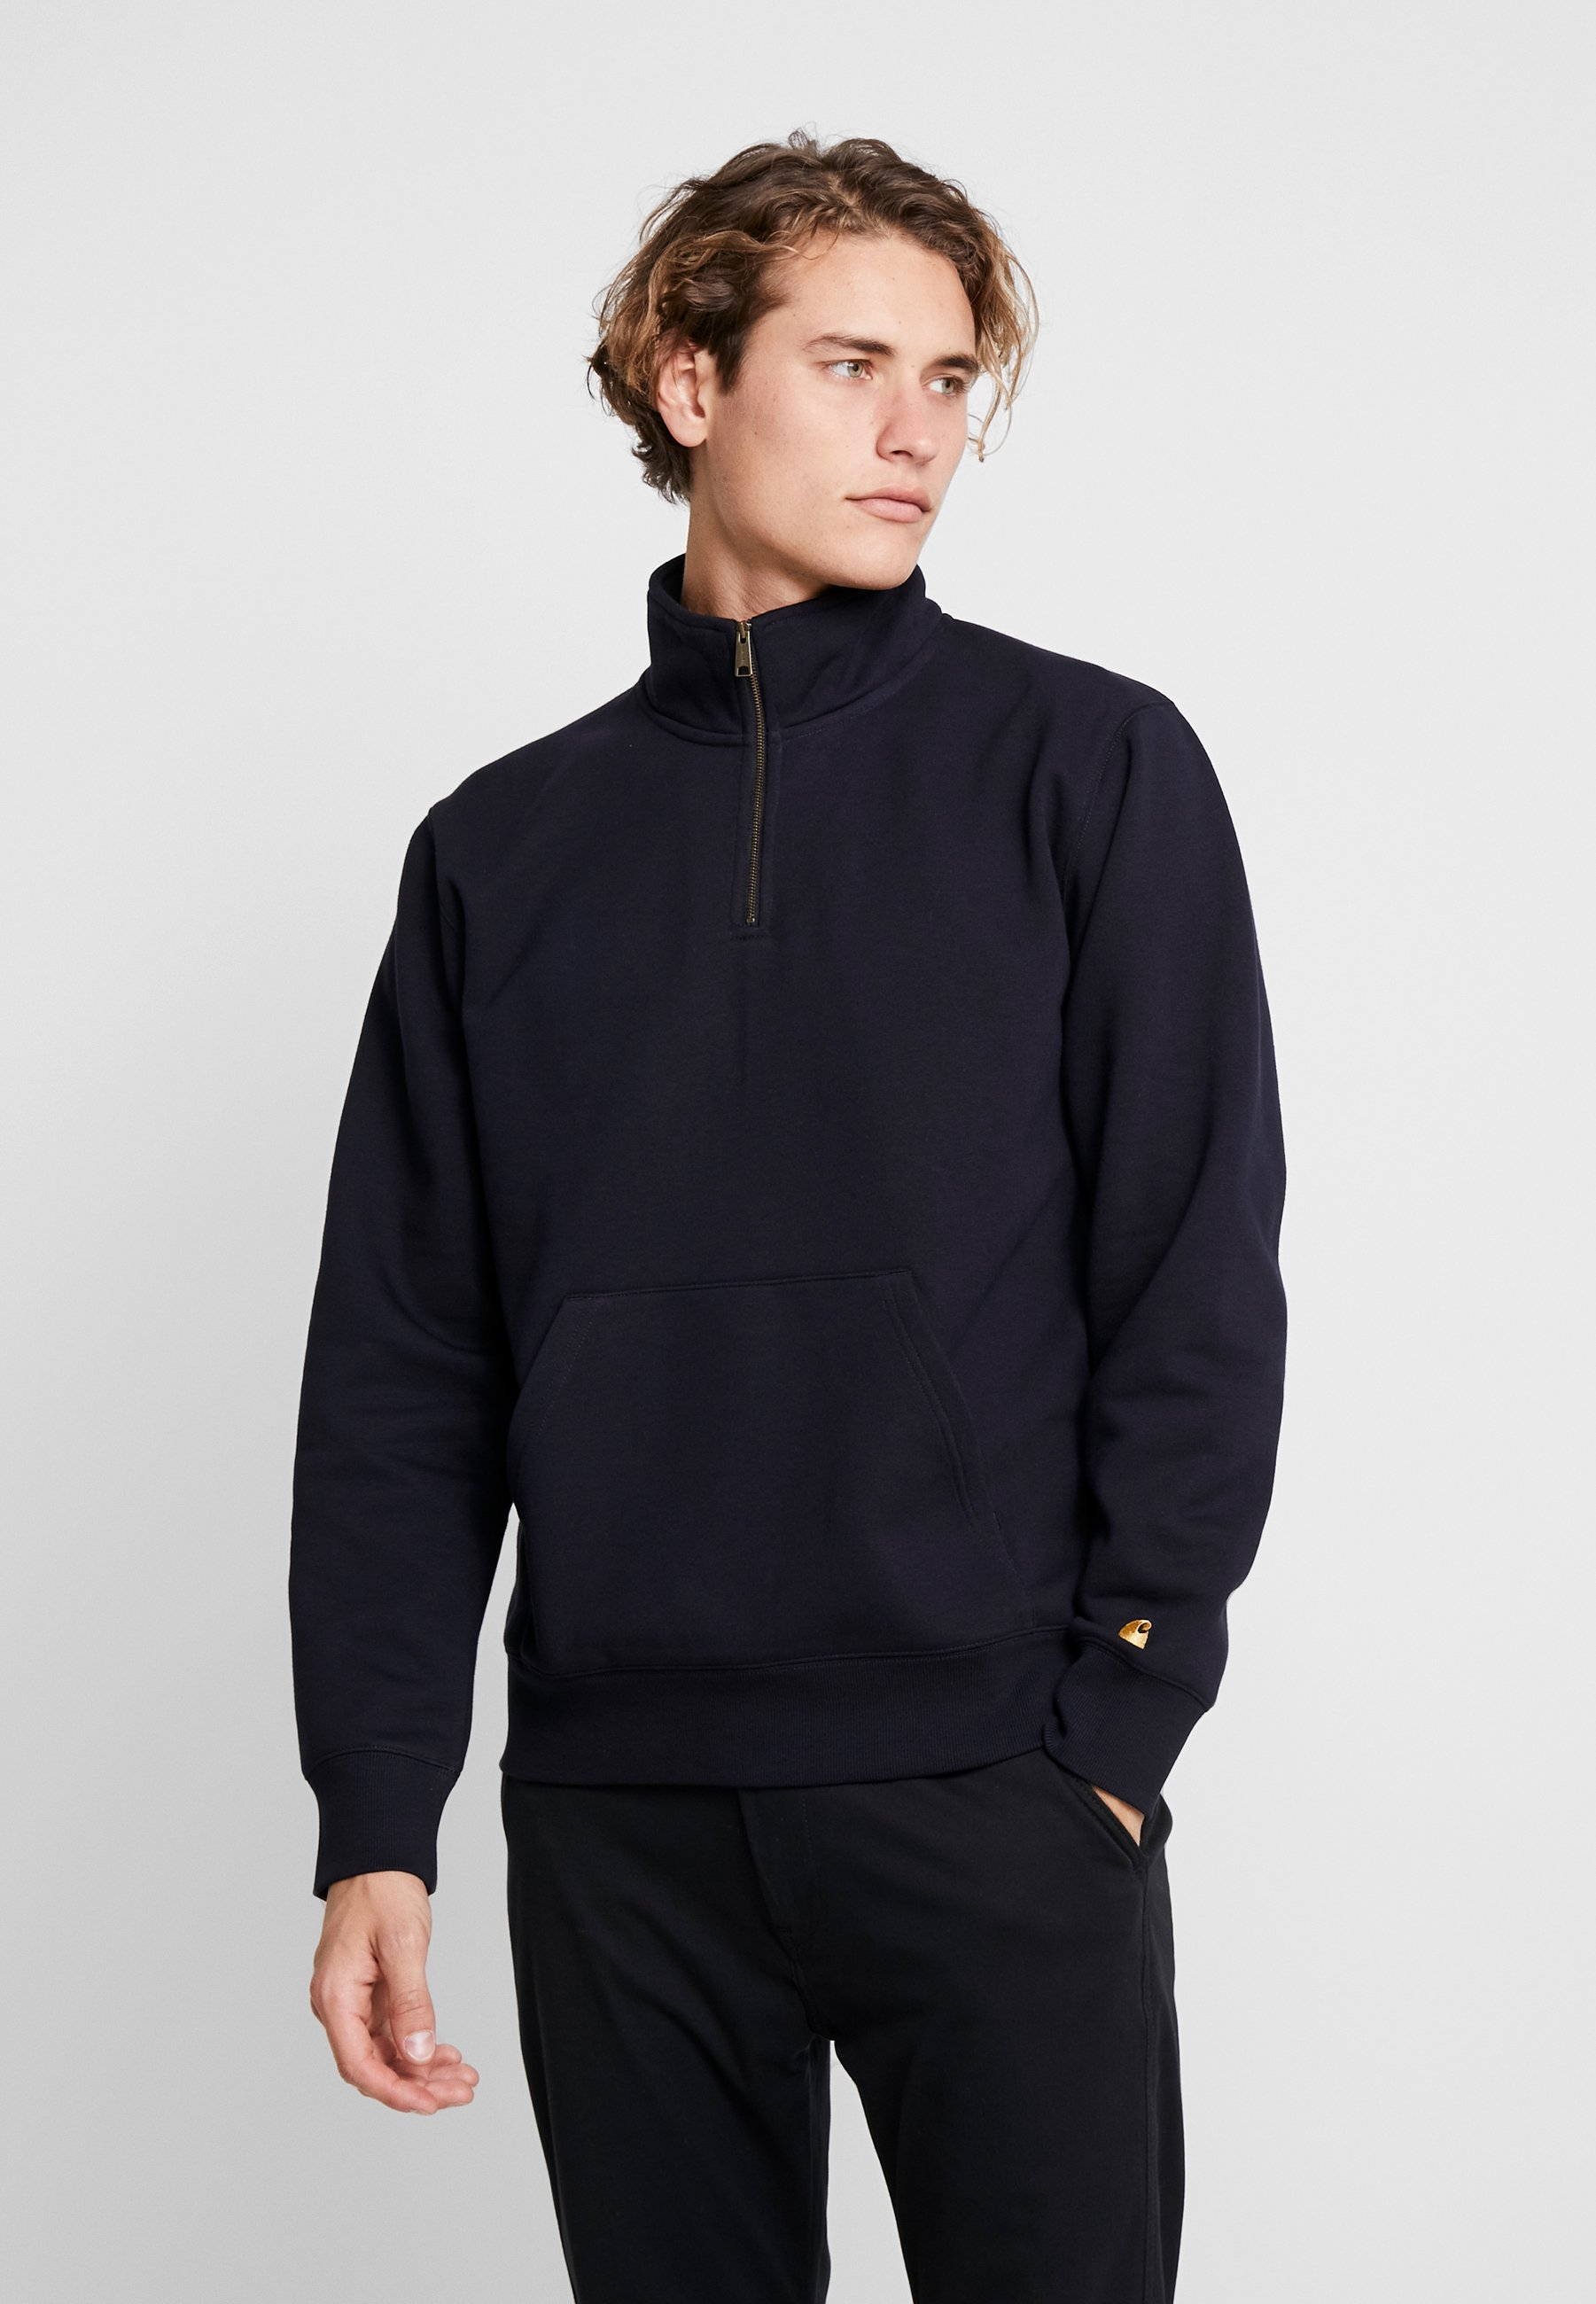 Chase ZipSweatshirt Wip Dark Carhartt Navy Neck TFlKc13J